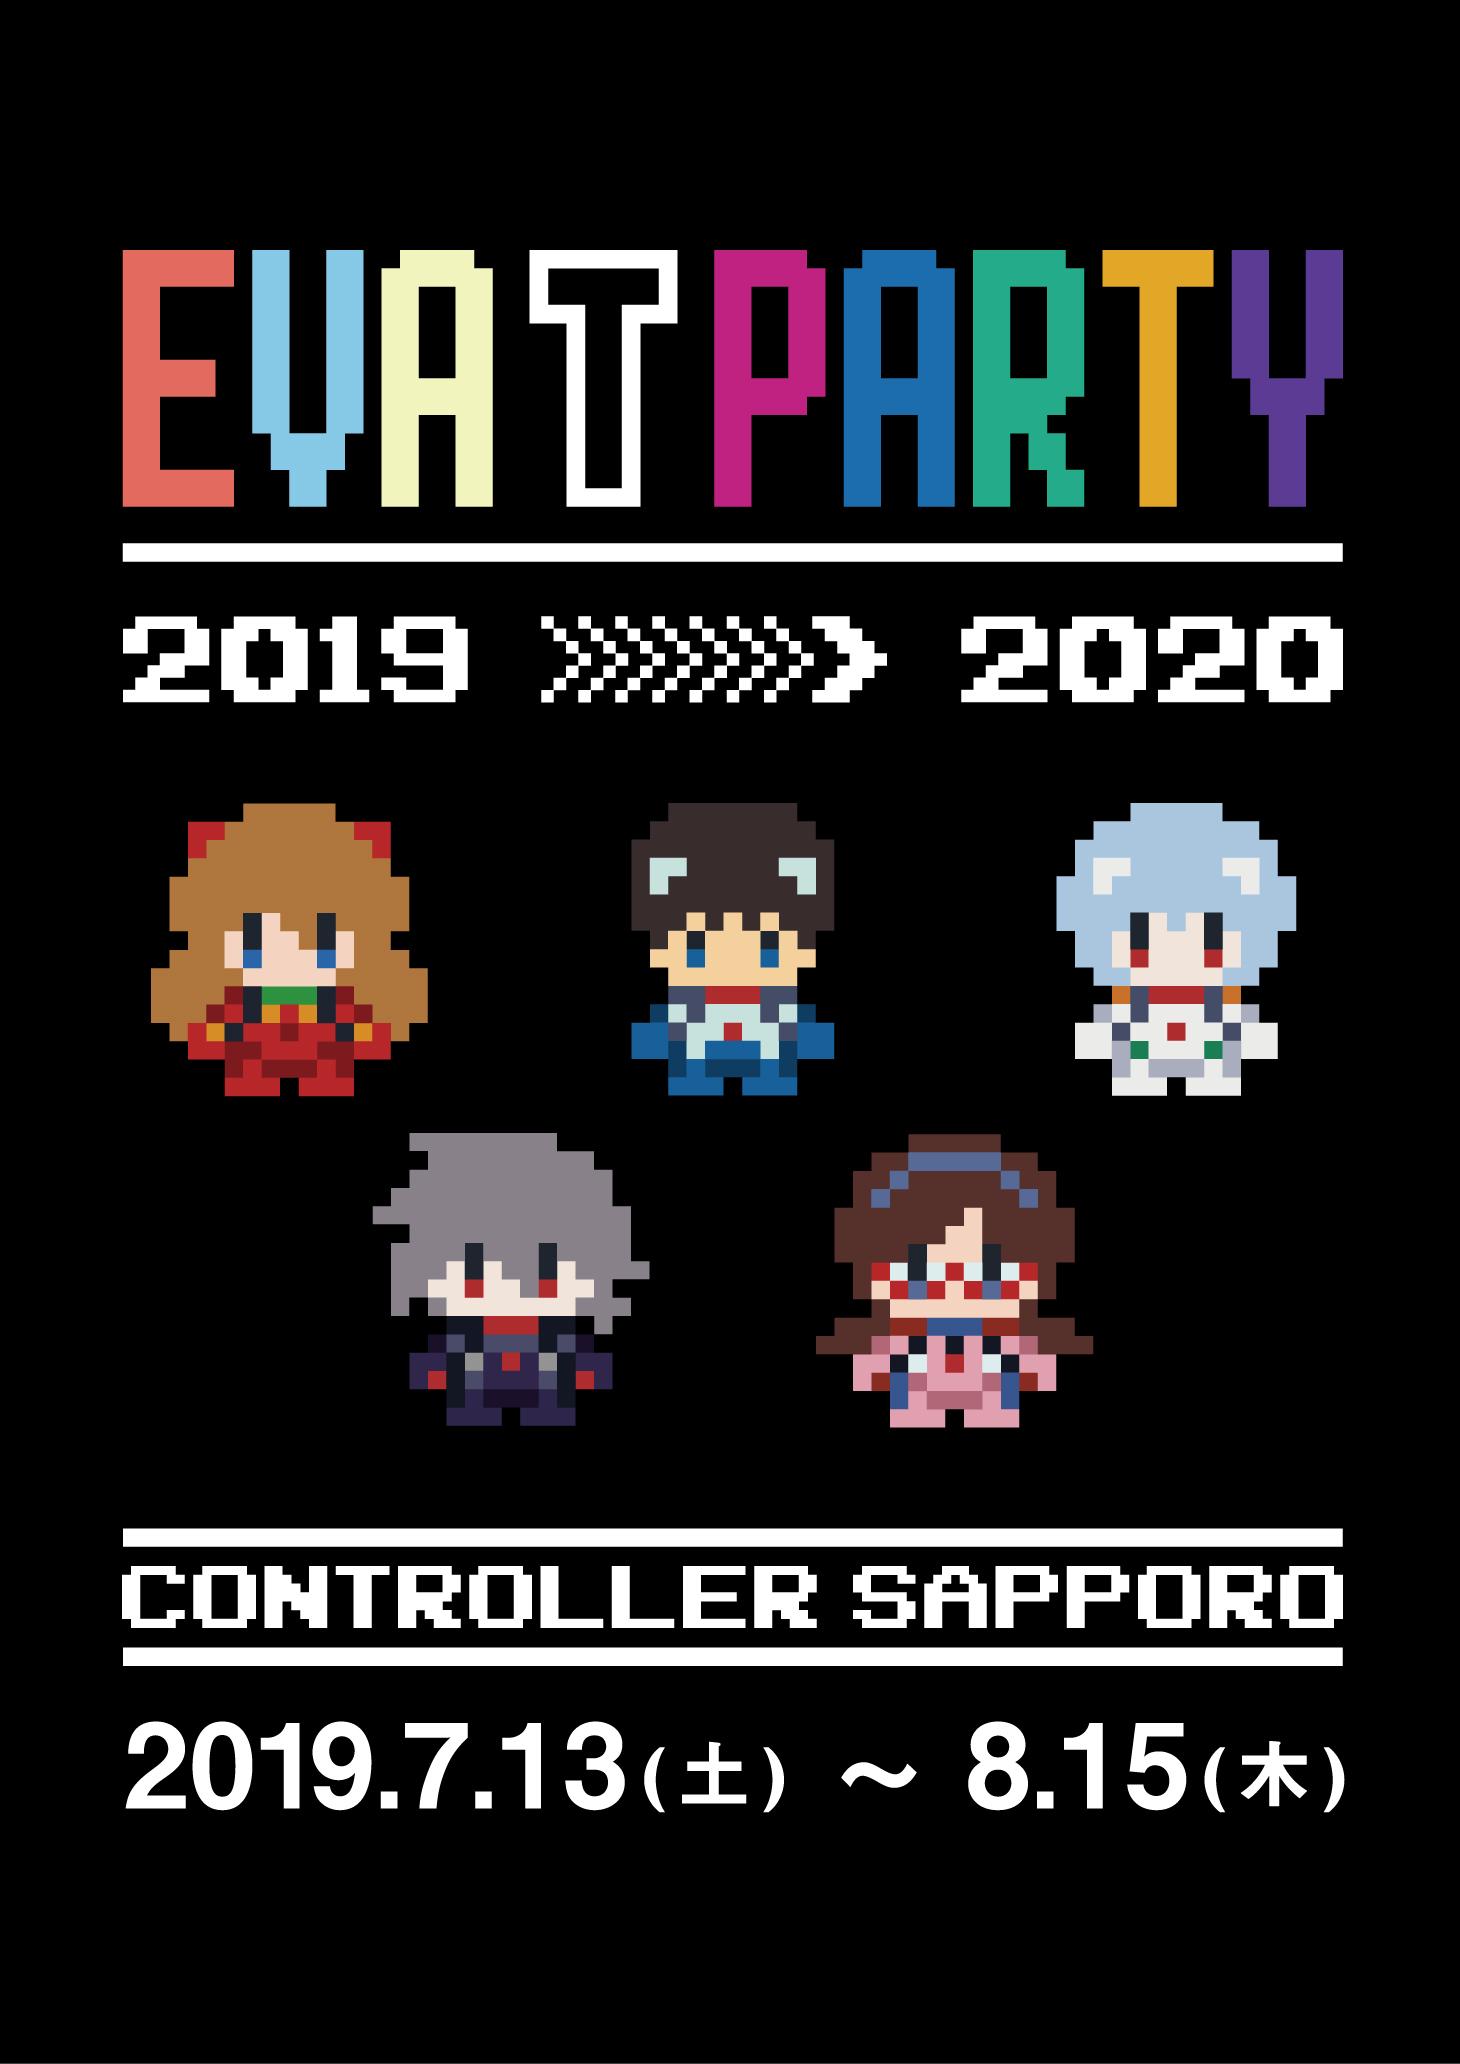 【期間限定発売】EVA T PARTY 2019 in CONTROLLER SAPPORO 缶バッジ付き限定Tシャツ EVA T×さっぽろテレビ塔